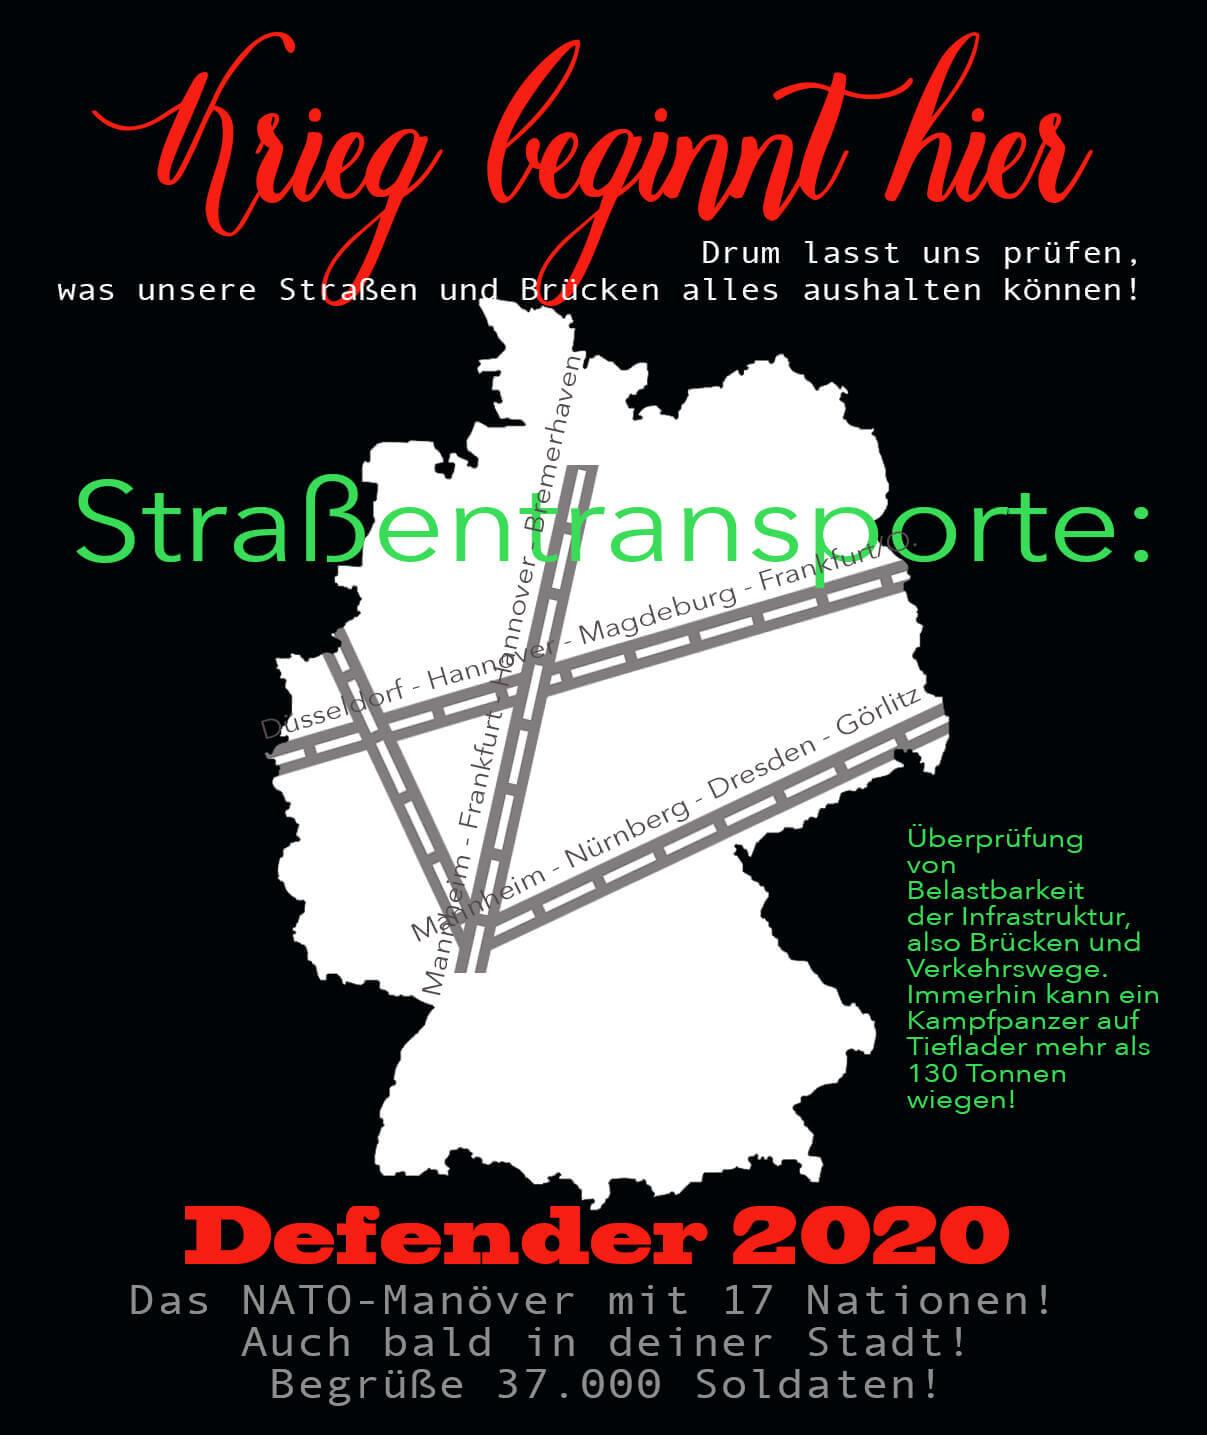 """Auf schwarzem Grund ist eine weiße Deutschlandkarte skizziert, über die Bahnstrecken in West-Ost und Süd-Nord-Richtung verlaufen. Text: """"Krieg beginnt hier. Drum lasst uns prüfen, was unsere Straßen und Brücken alles aushalten können"""", """"Straßentransporte"""", """"Defender 2020. Das NATO-Manöver mit 17 Nationen! Auch bald in Deiner Stadt! Begrüße 37.000 Soldaten!"""","""